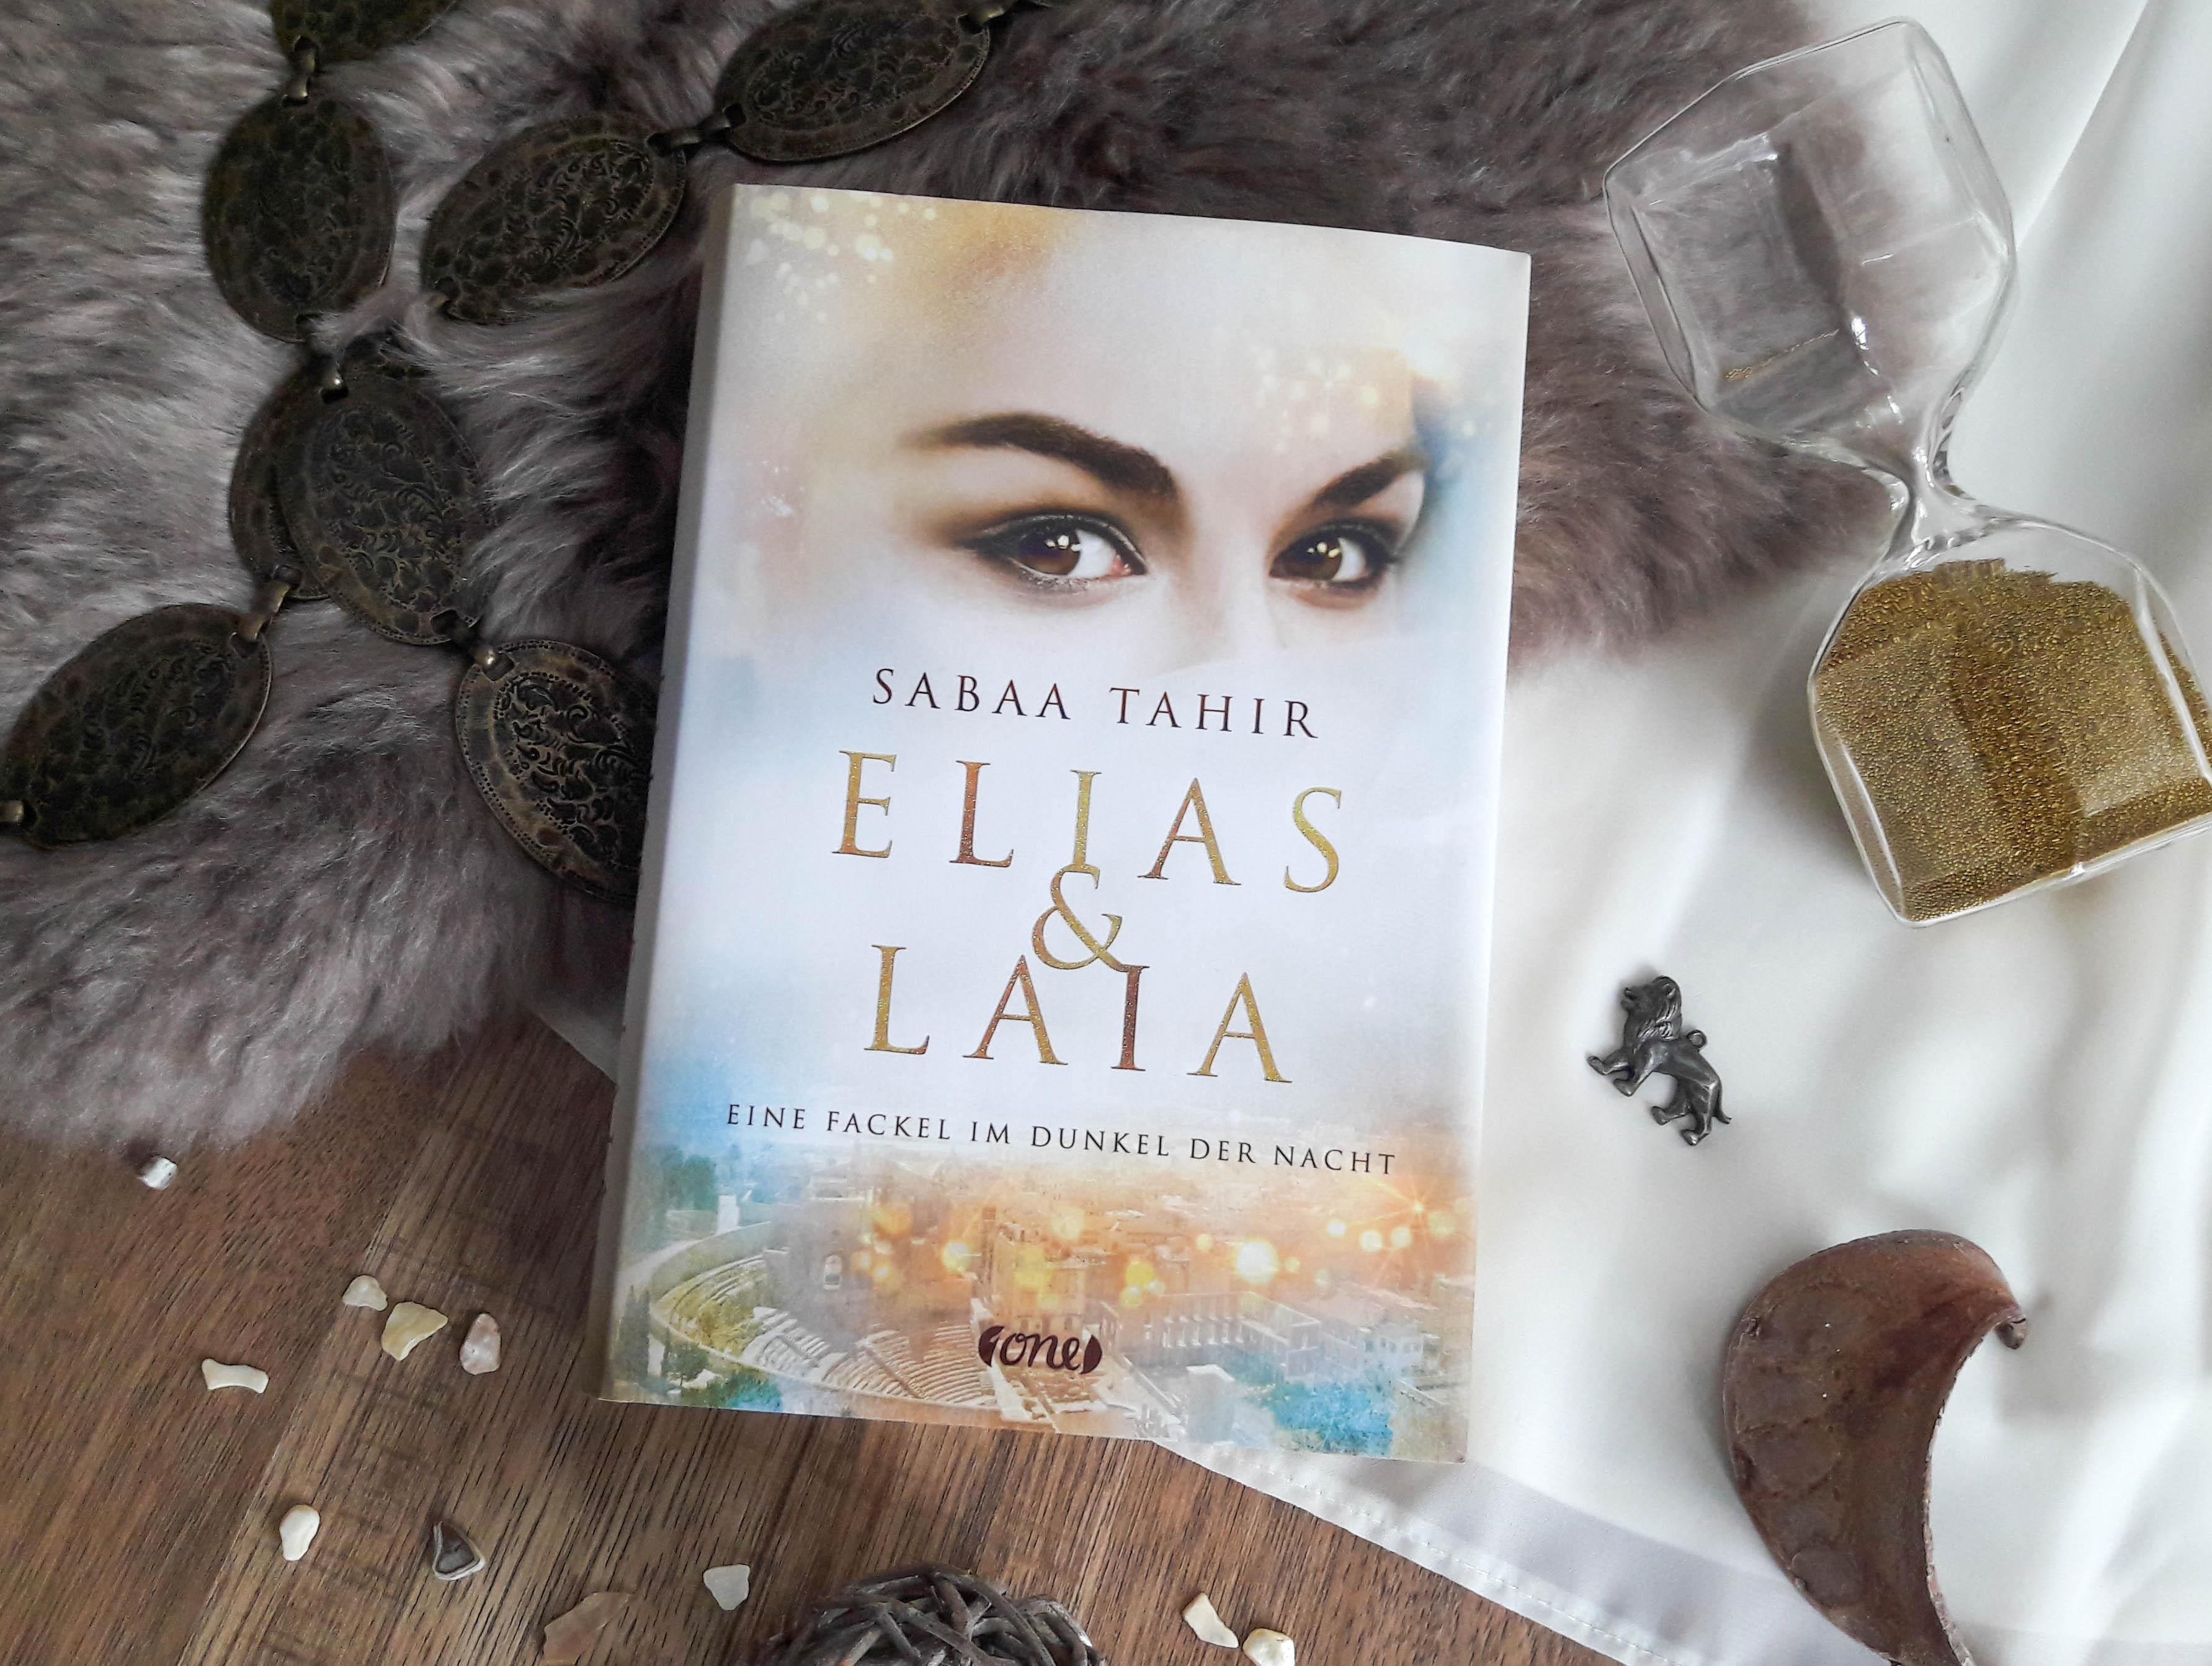 Elias und Laia 2: Eine Fackel im Dunkel der Nacht – Sabaa Tahir graphic